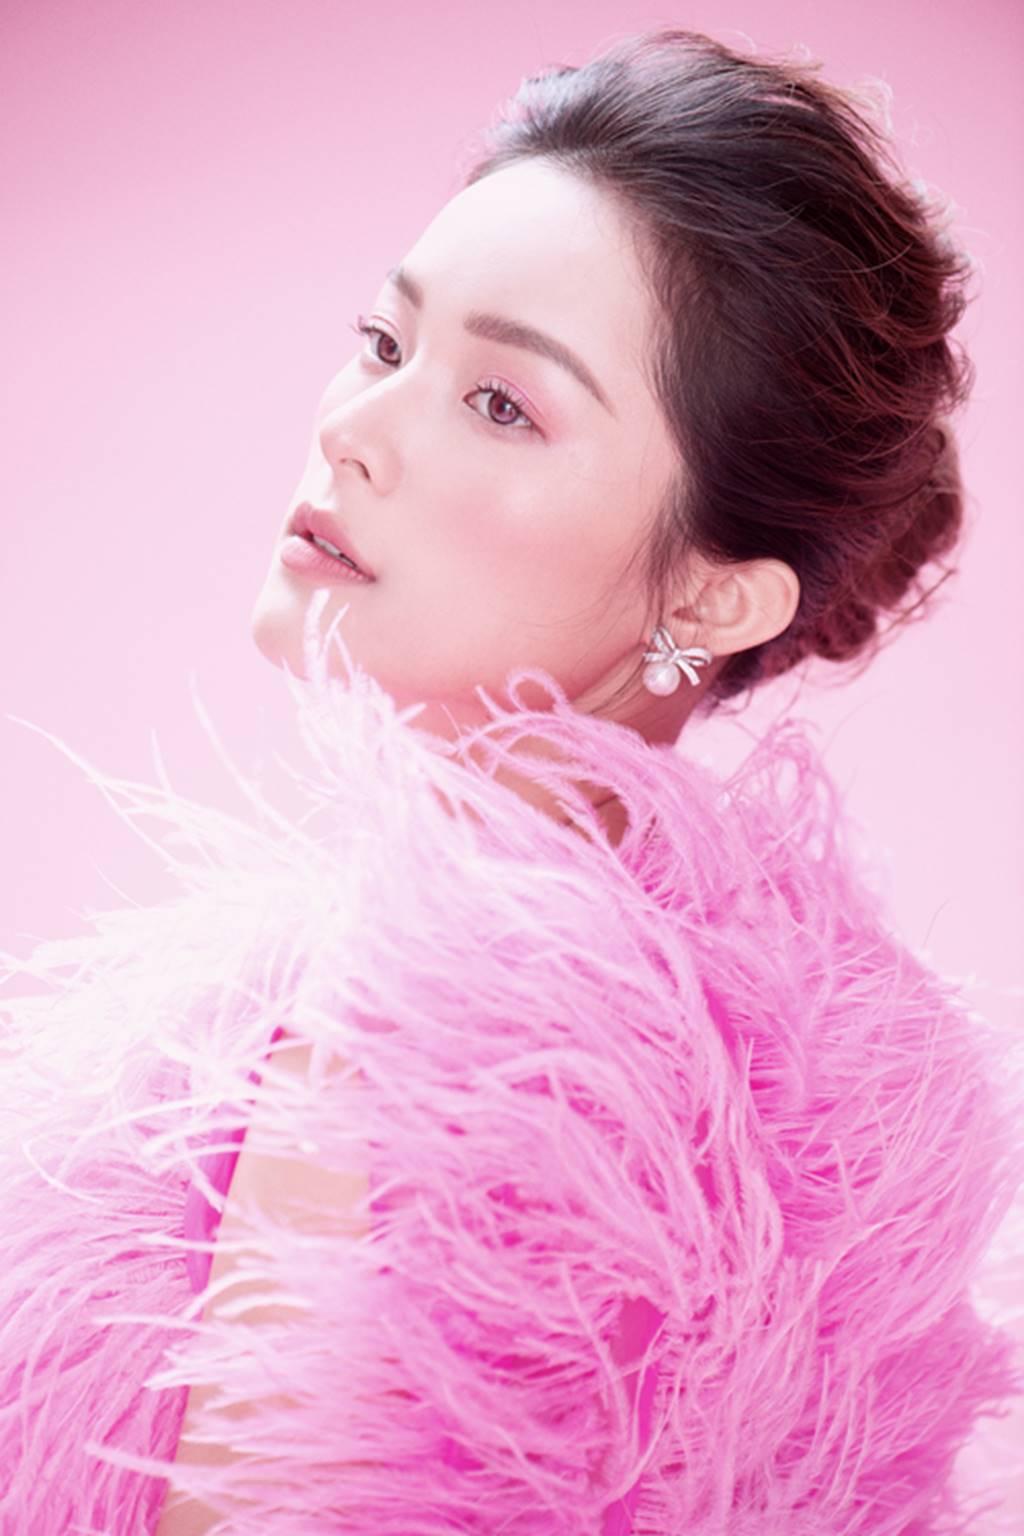 Hạ Vy đẹp mong manh trong sắc hồng của Đỗ Mạnh Cường-6